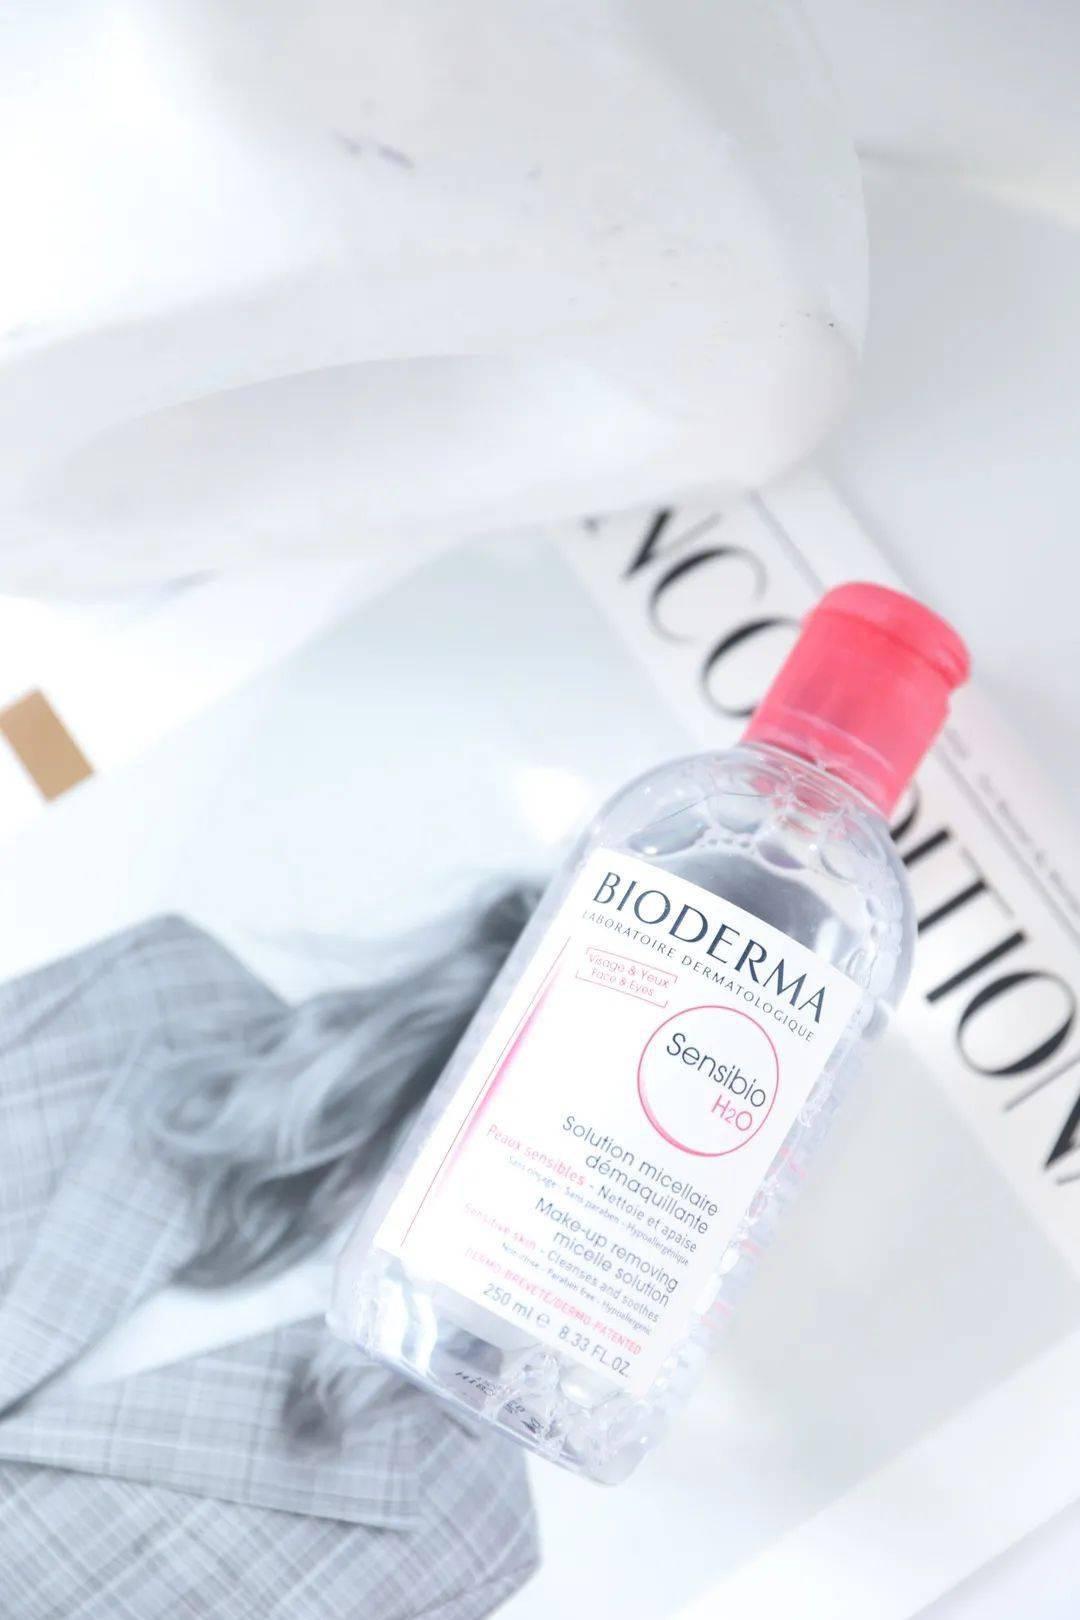 大赏测评 | 卸妆水终极对决,贝德玛要凉了?